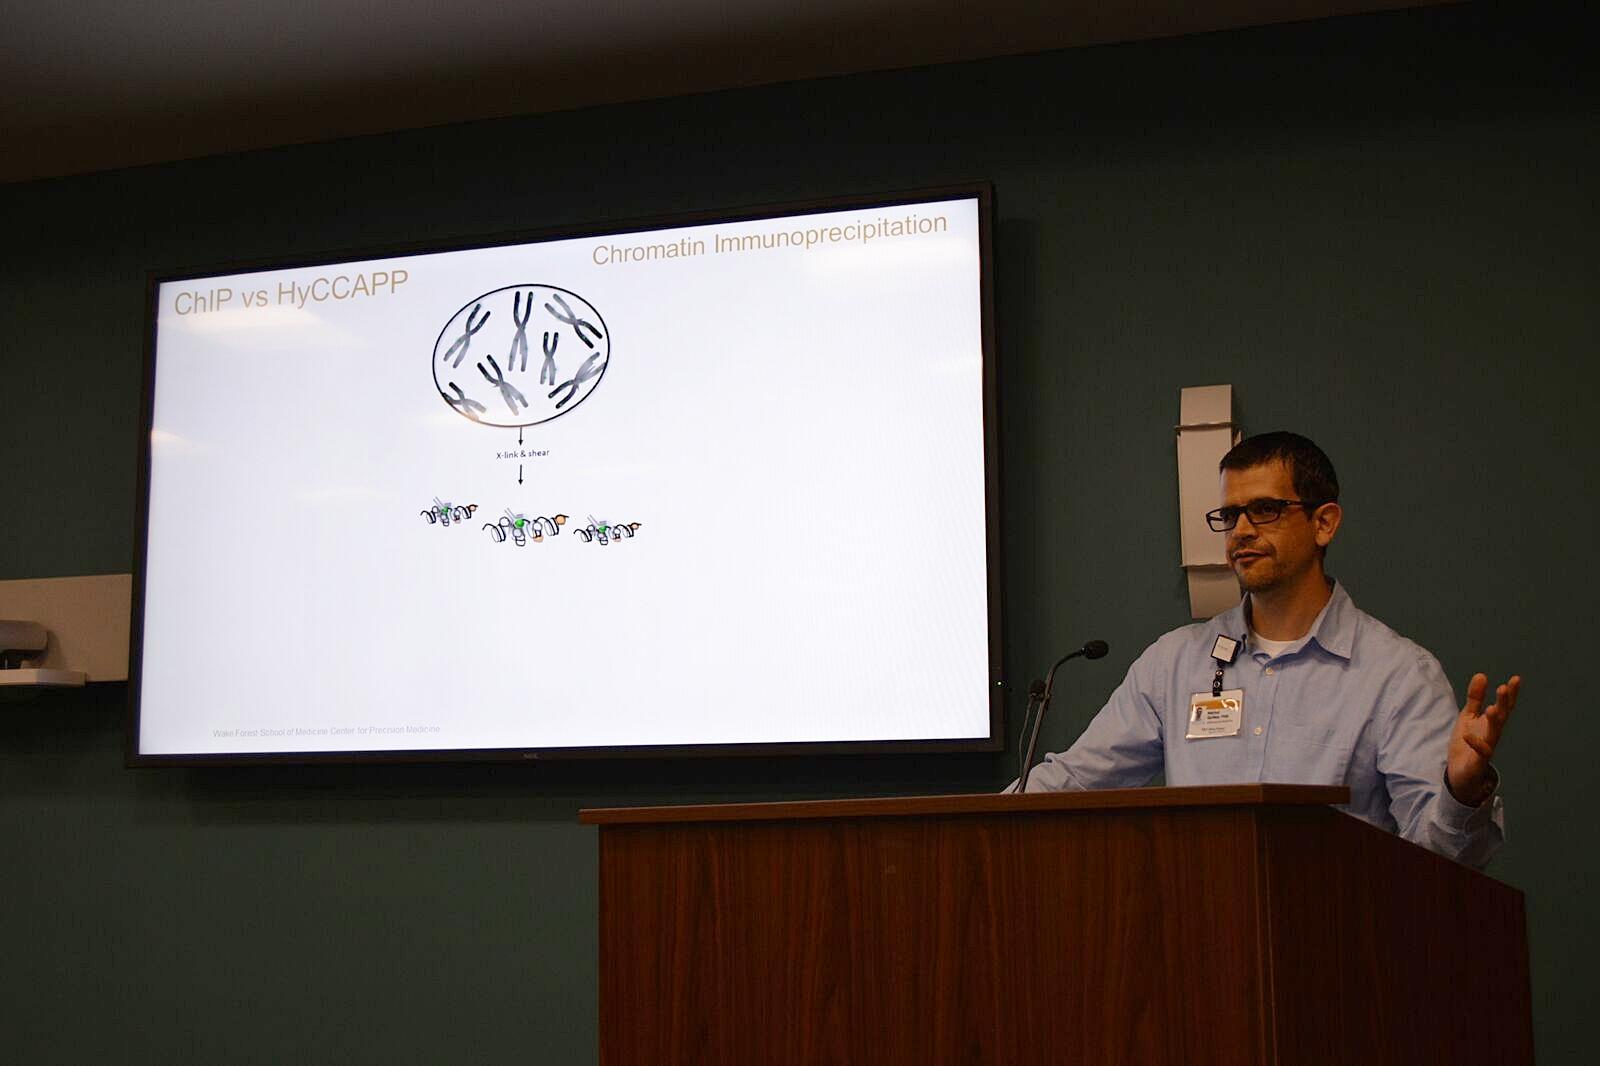 Dr. Guillen presenting at the Center for Precision Medicine Omics 101 workshop